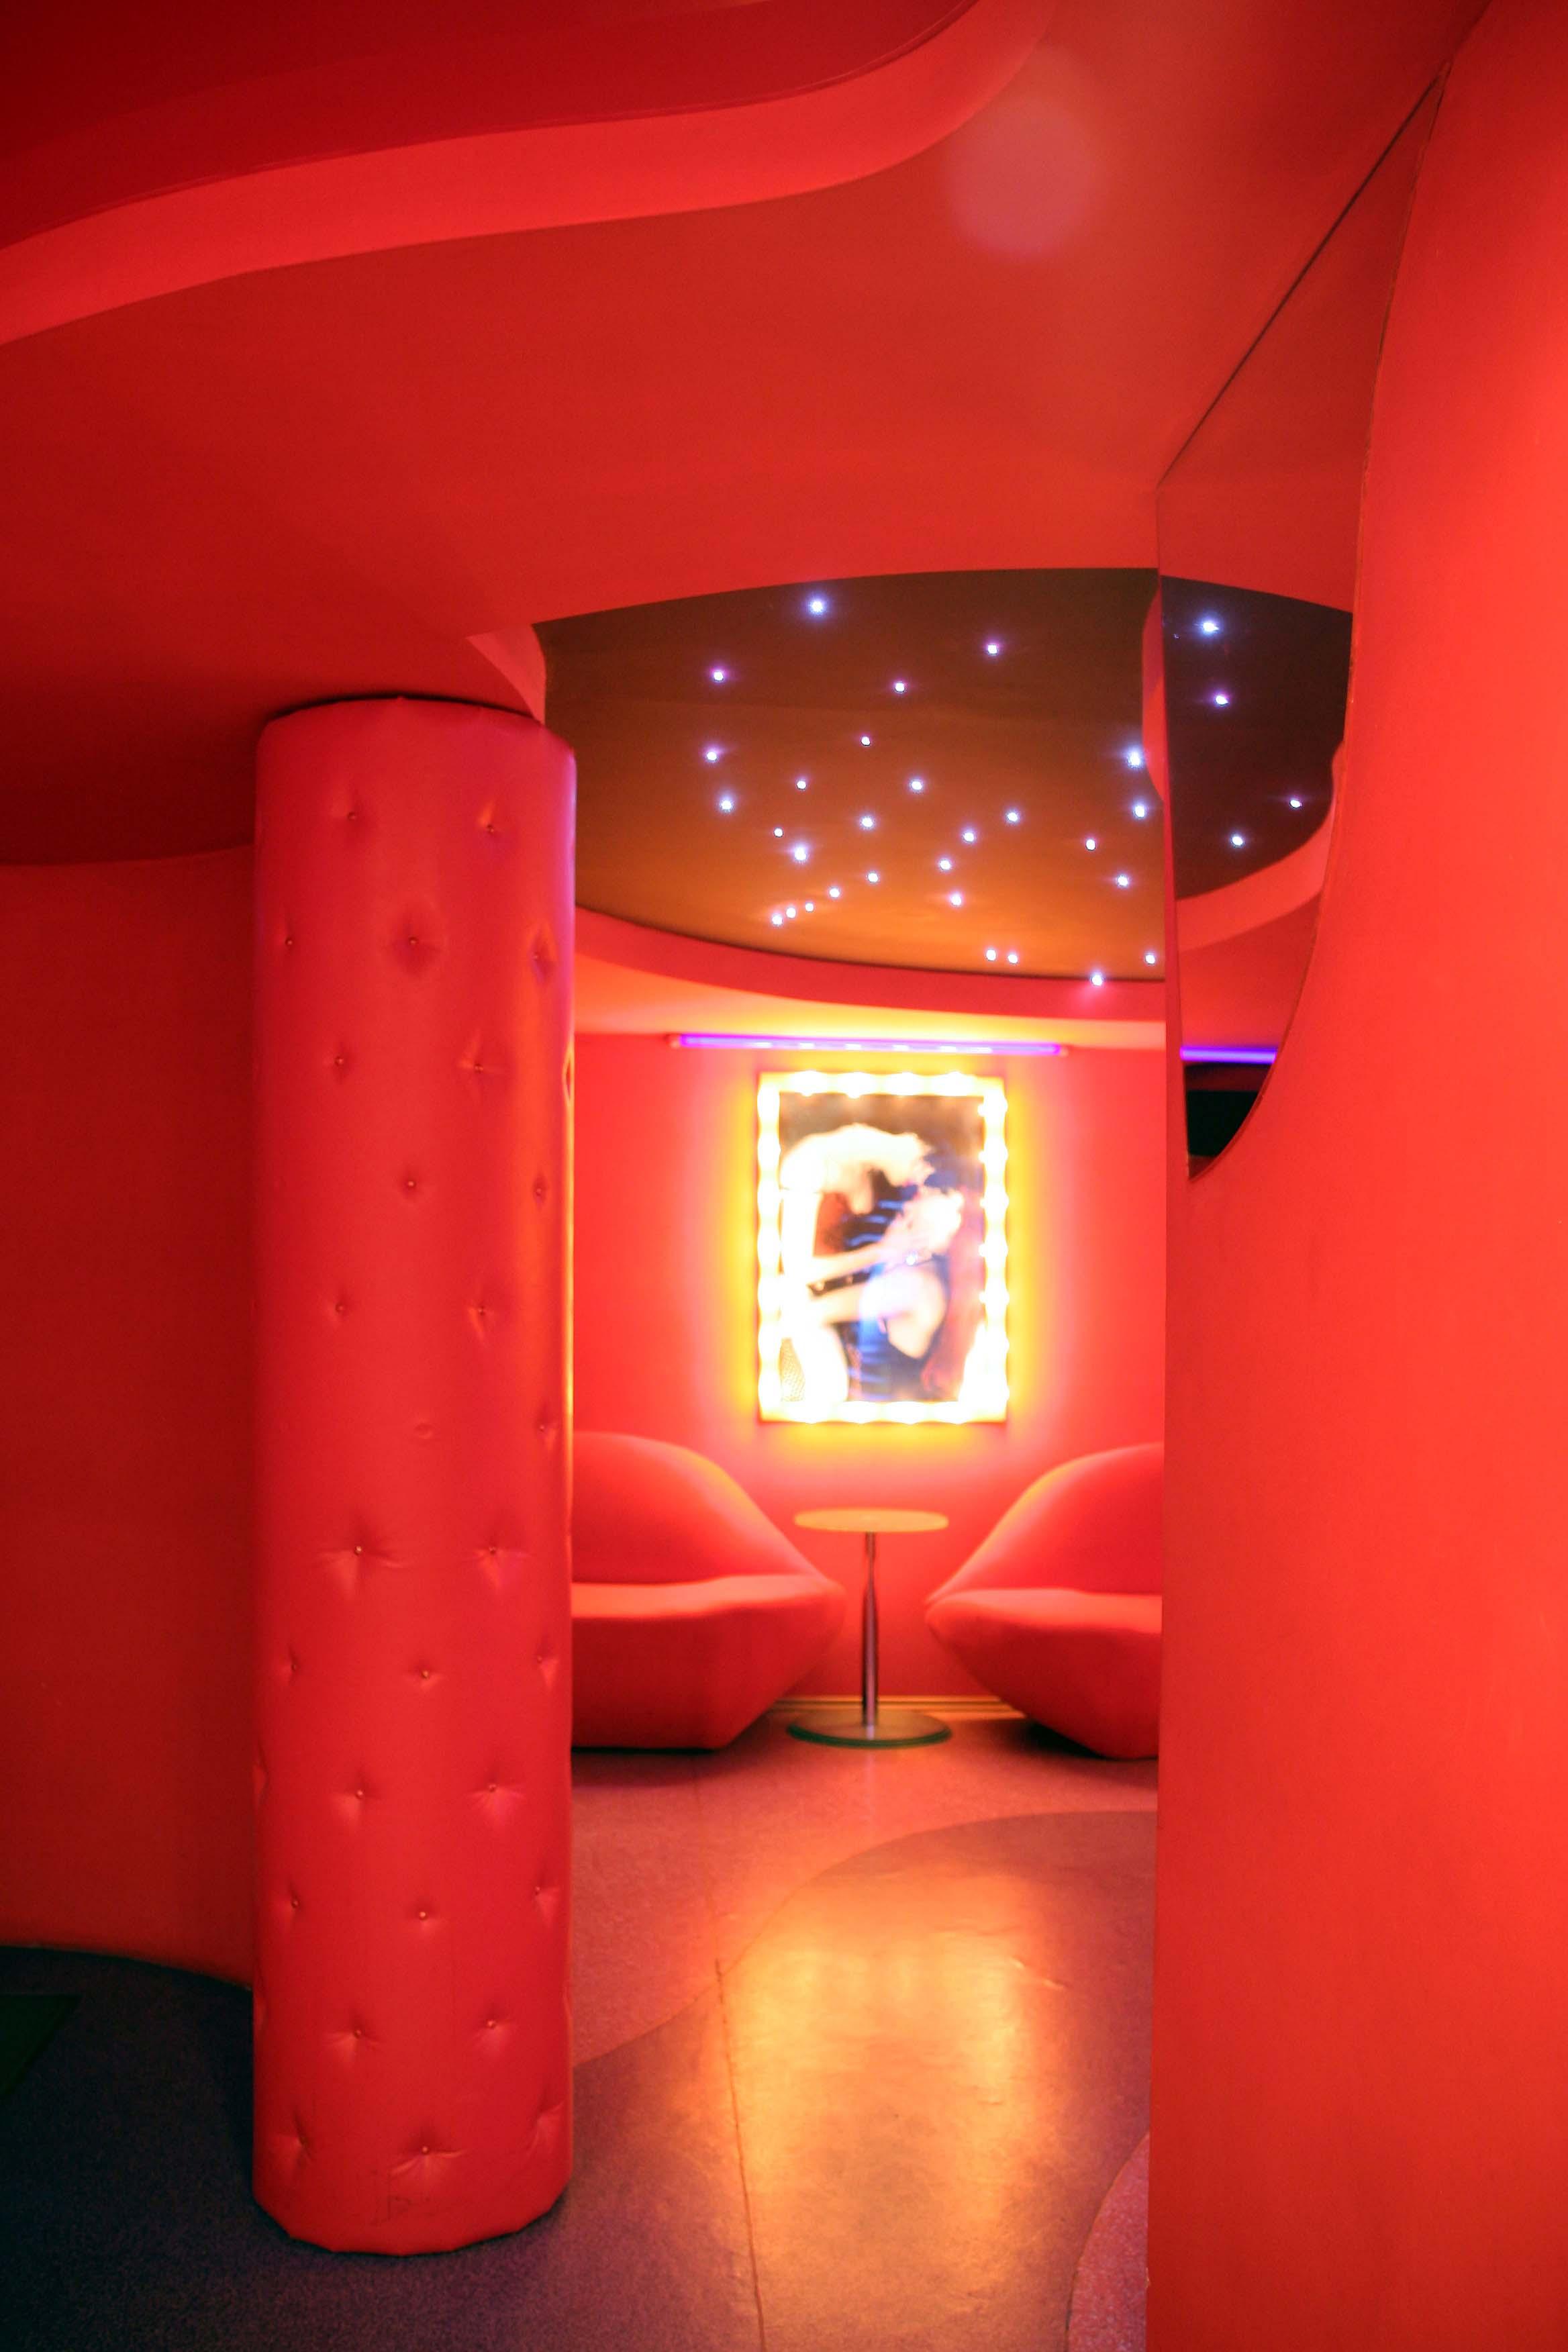 Фото реализованного интерьера входной зоны стрип-бара